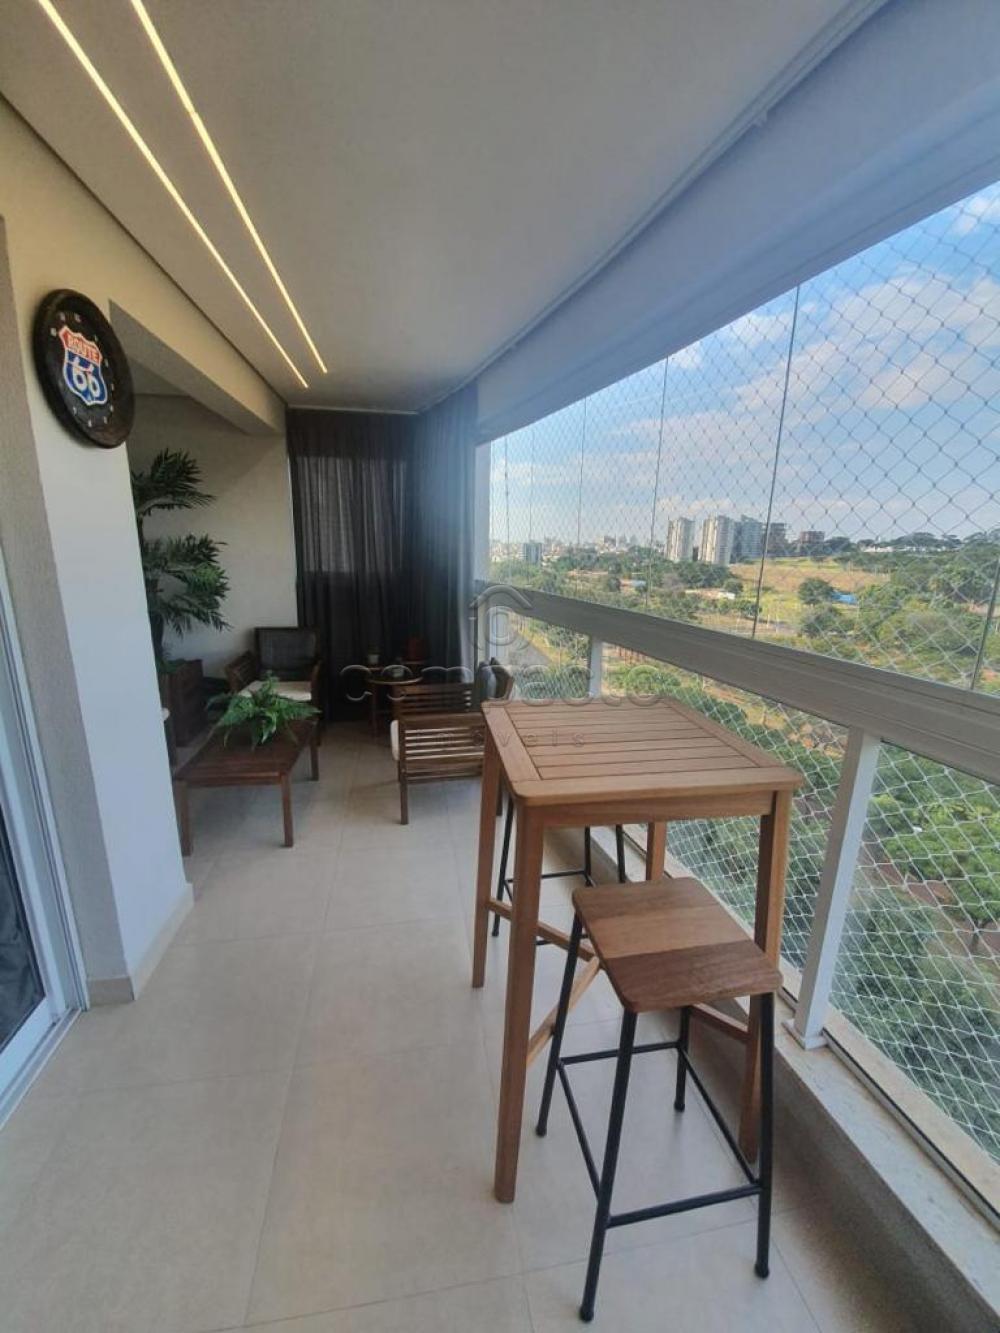 Comprar Apartamento / Padrão em São José do Rio Preto apenas R$ 635.000,00 - Foto 6